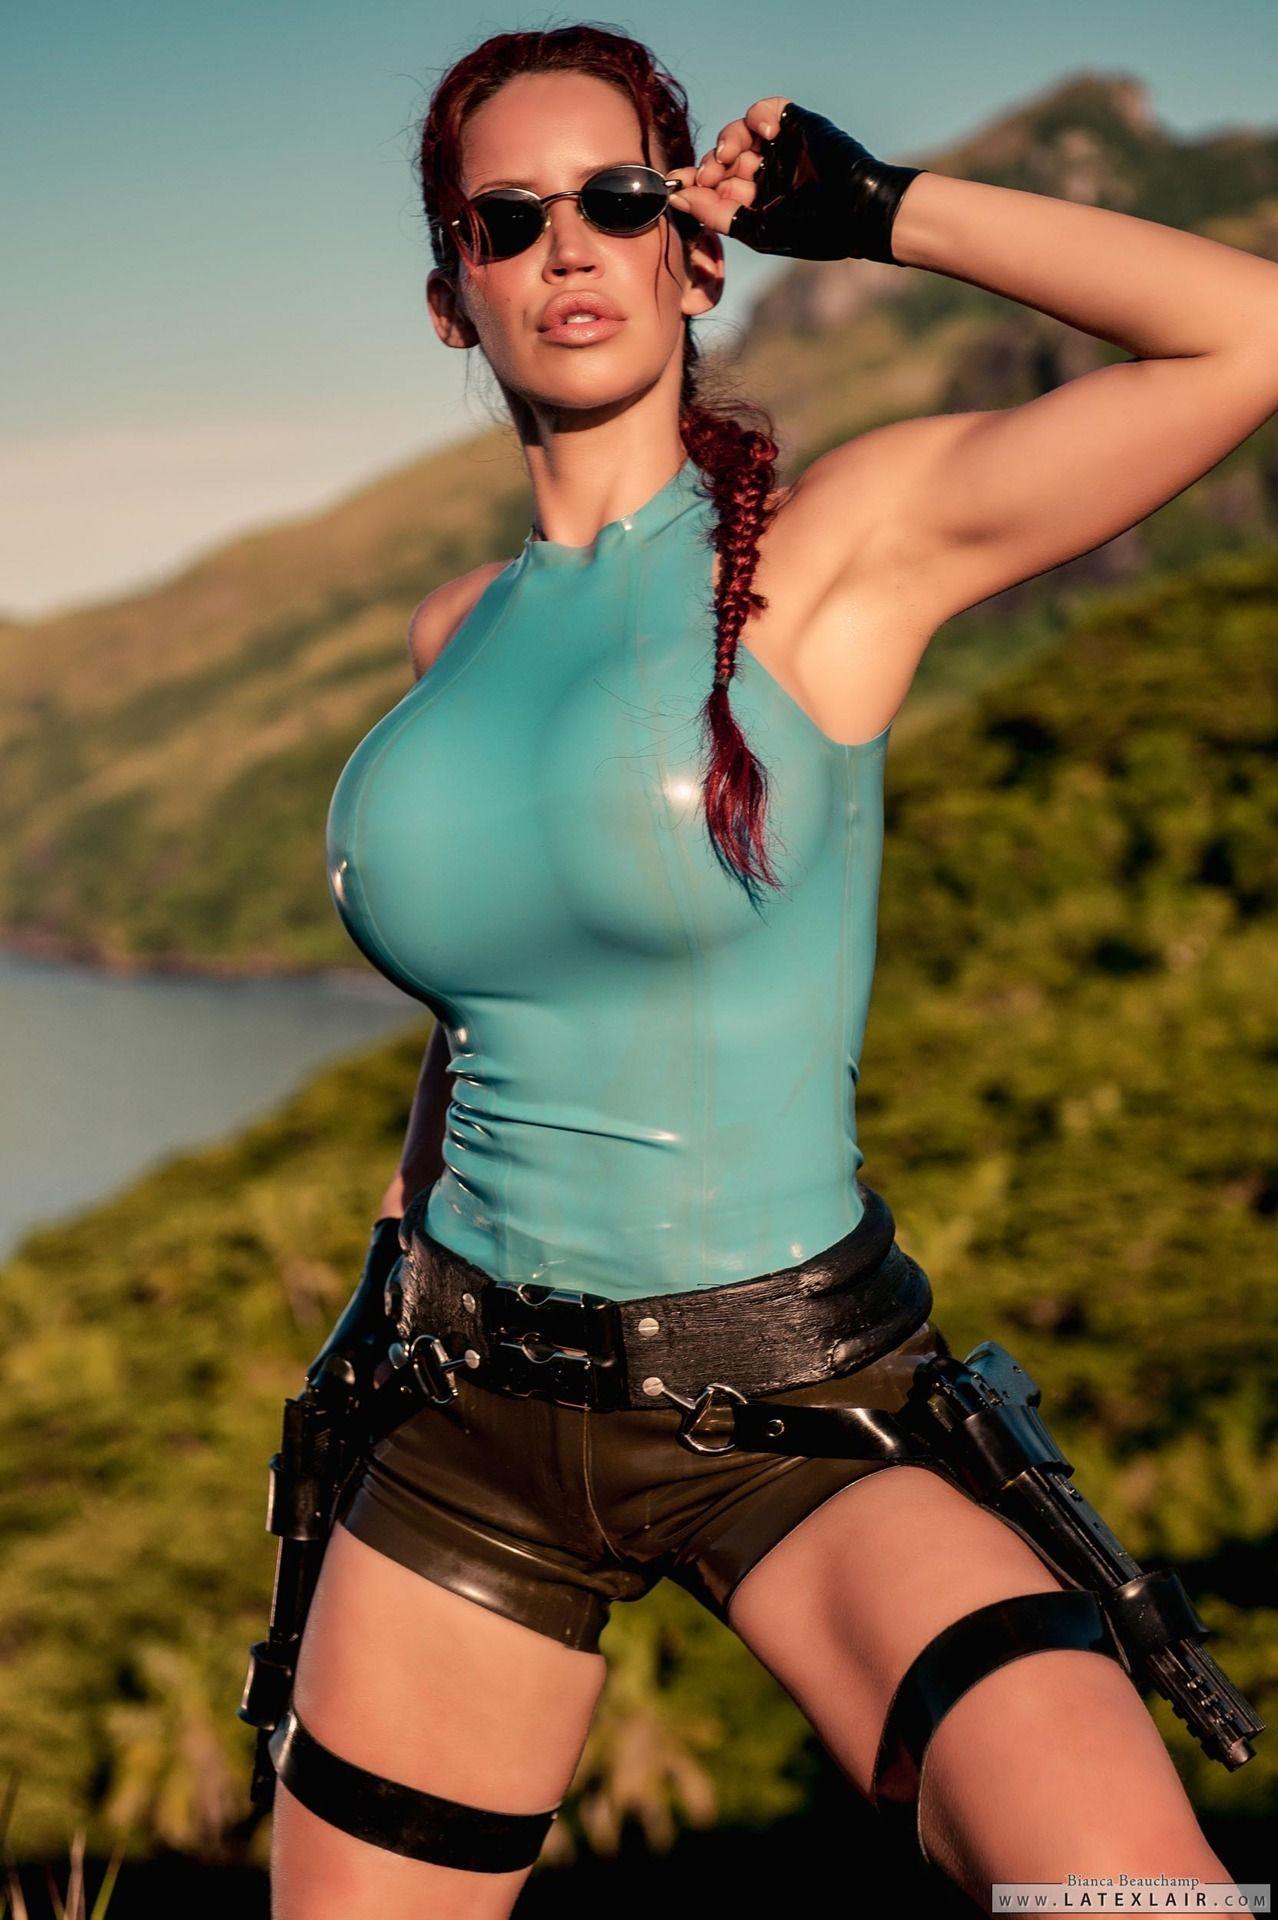 Bianca Beauchamp #TombRaider #Cosplay